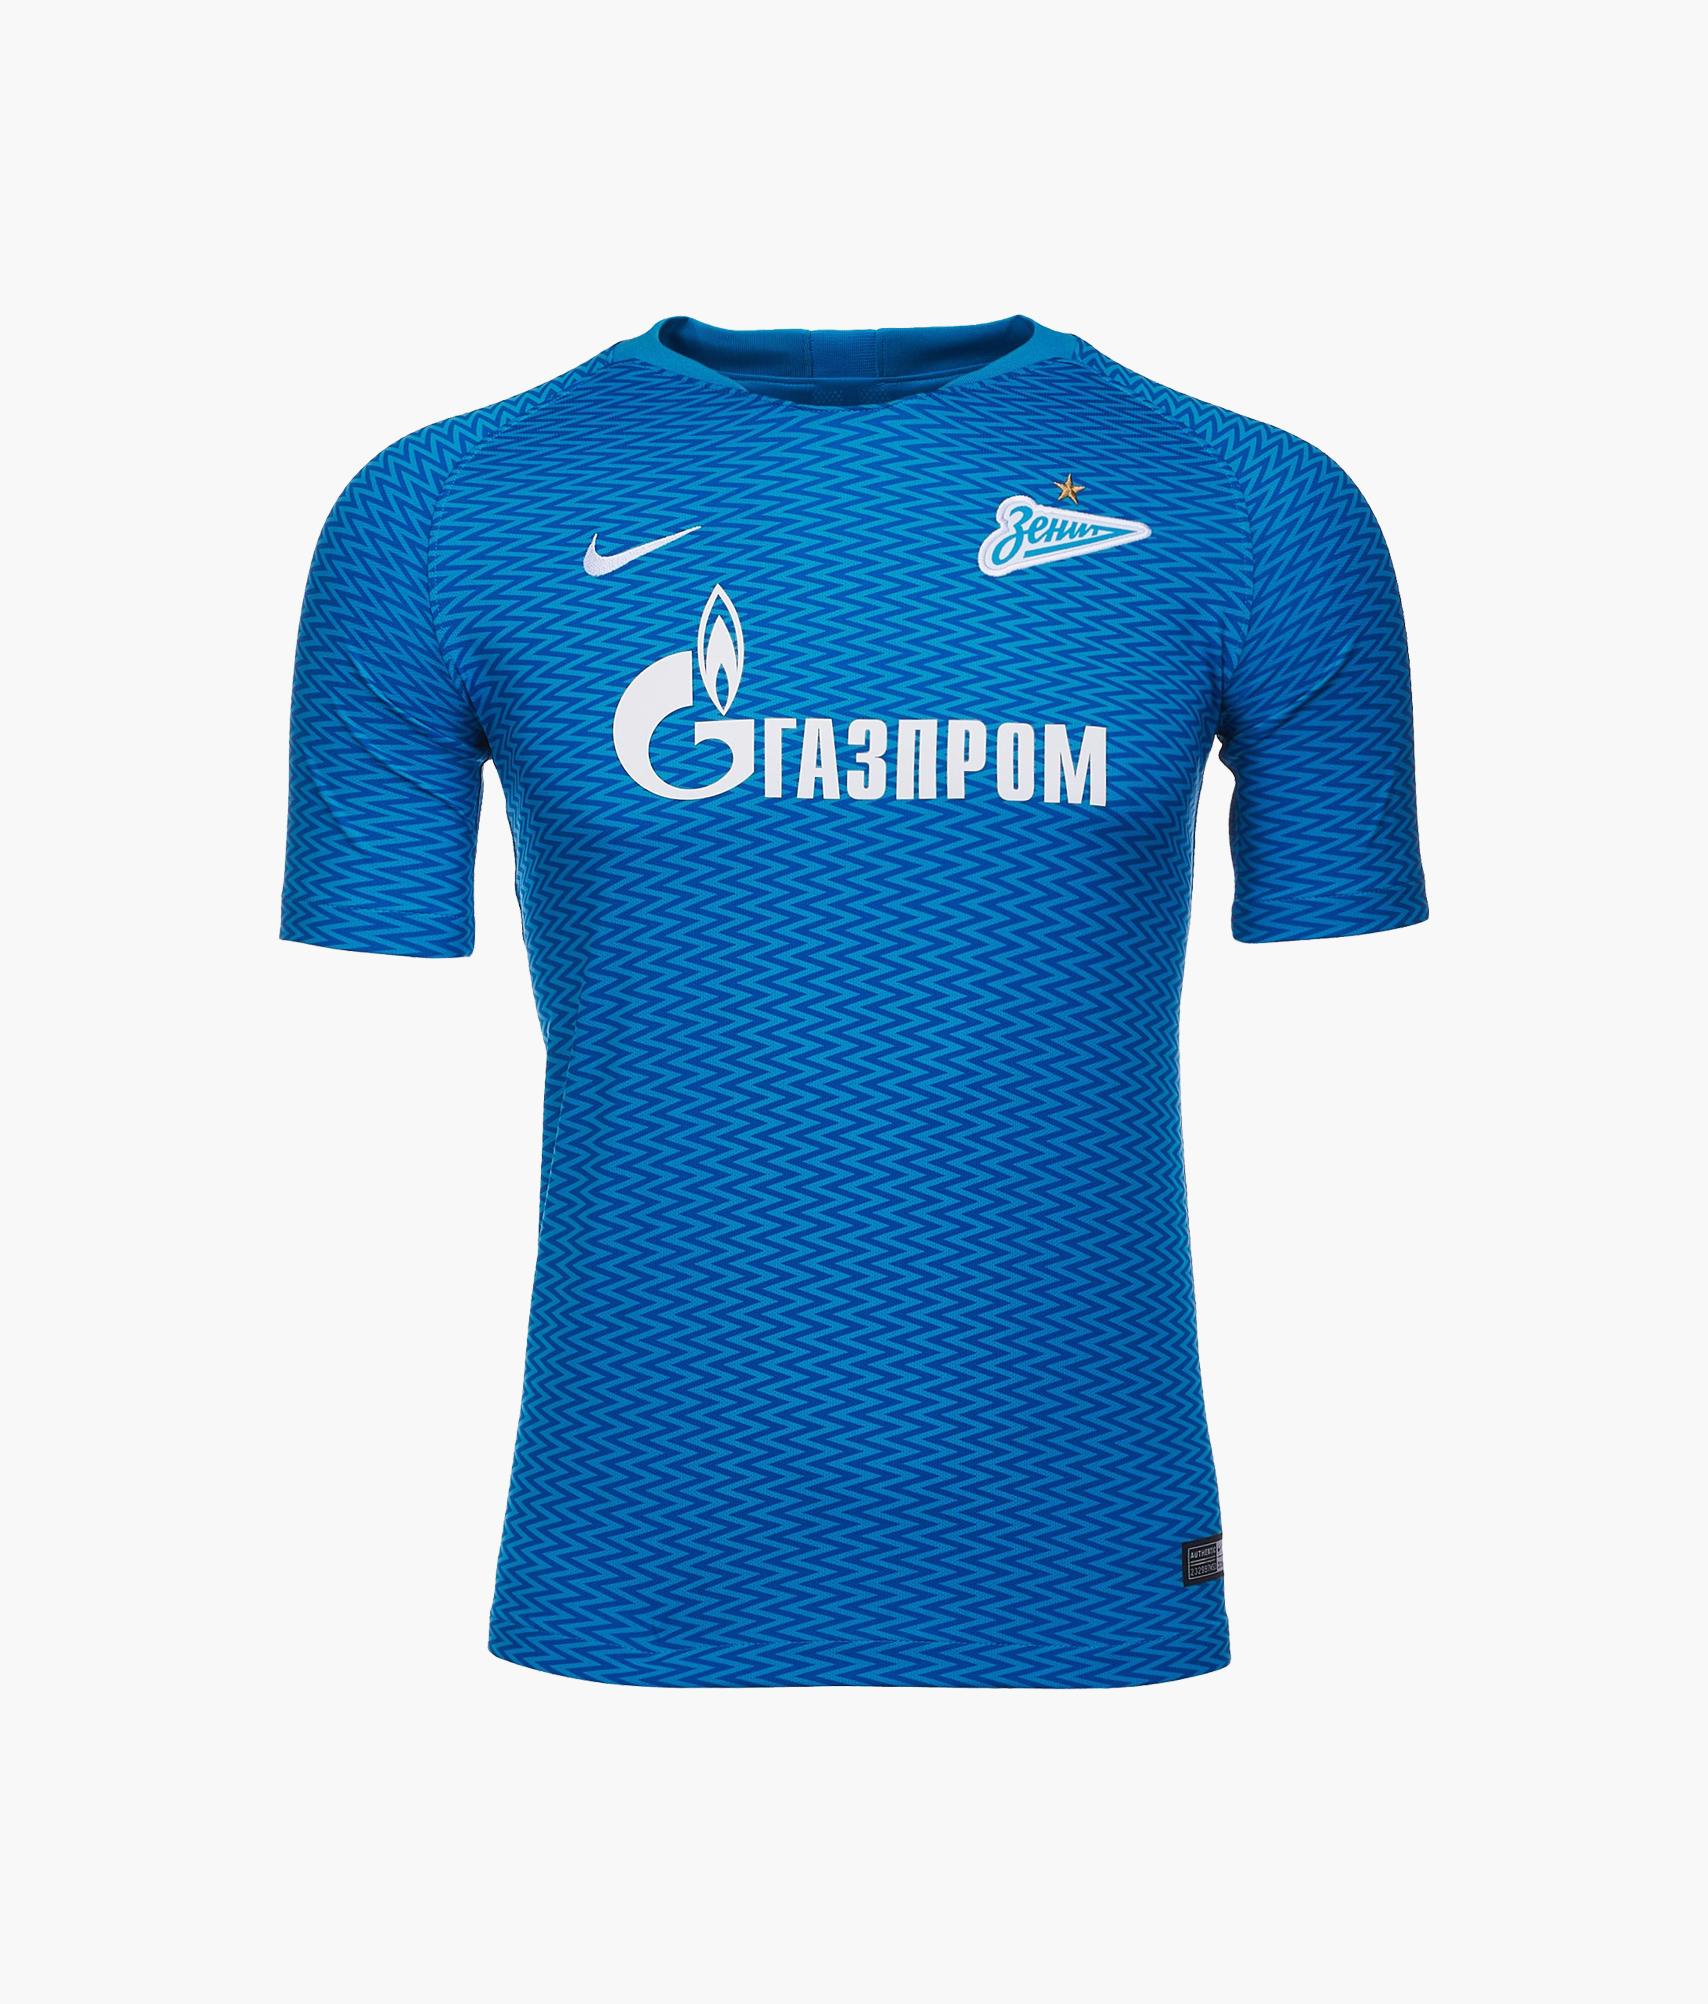 Подростковая домашняя футболка Nike сезона 2018/2019 Nike Цвет-Синий цены онлайн